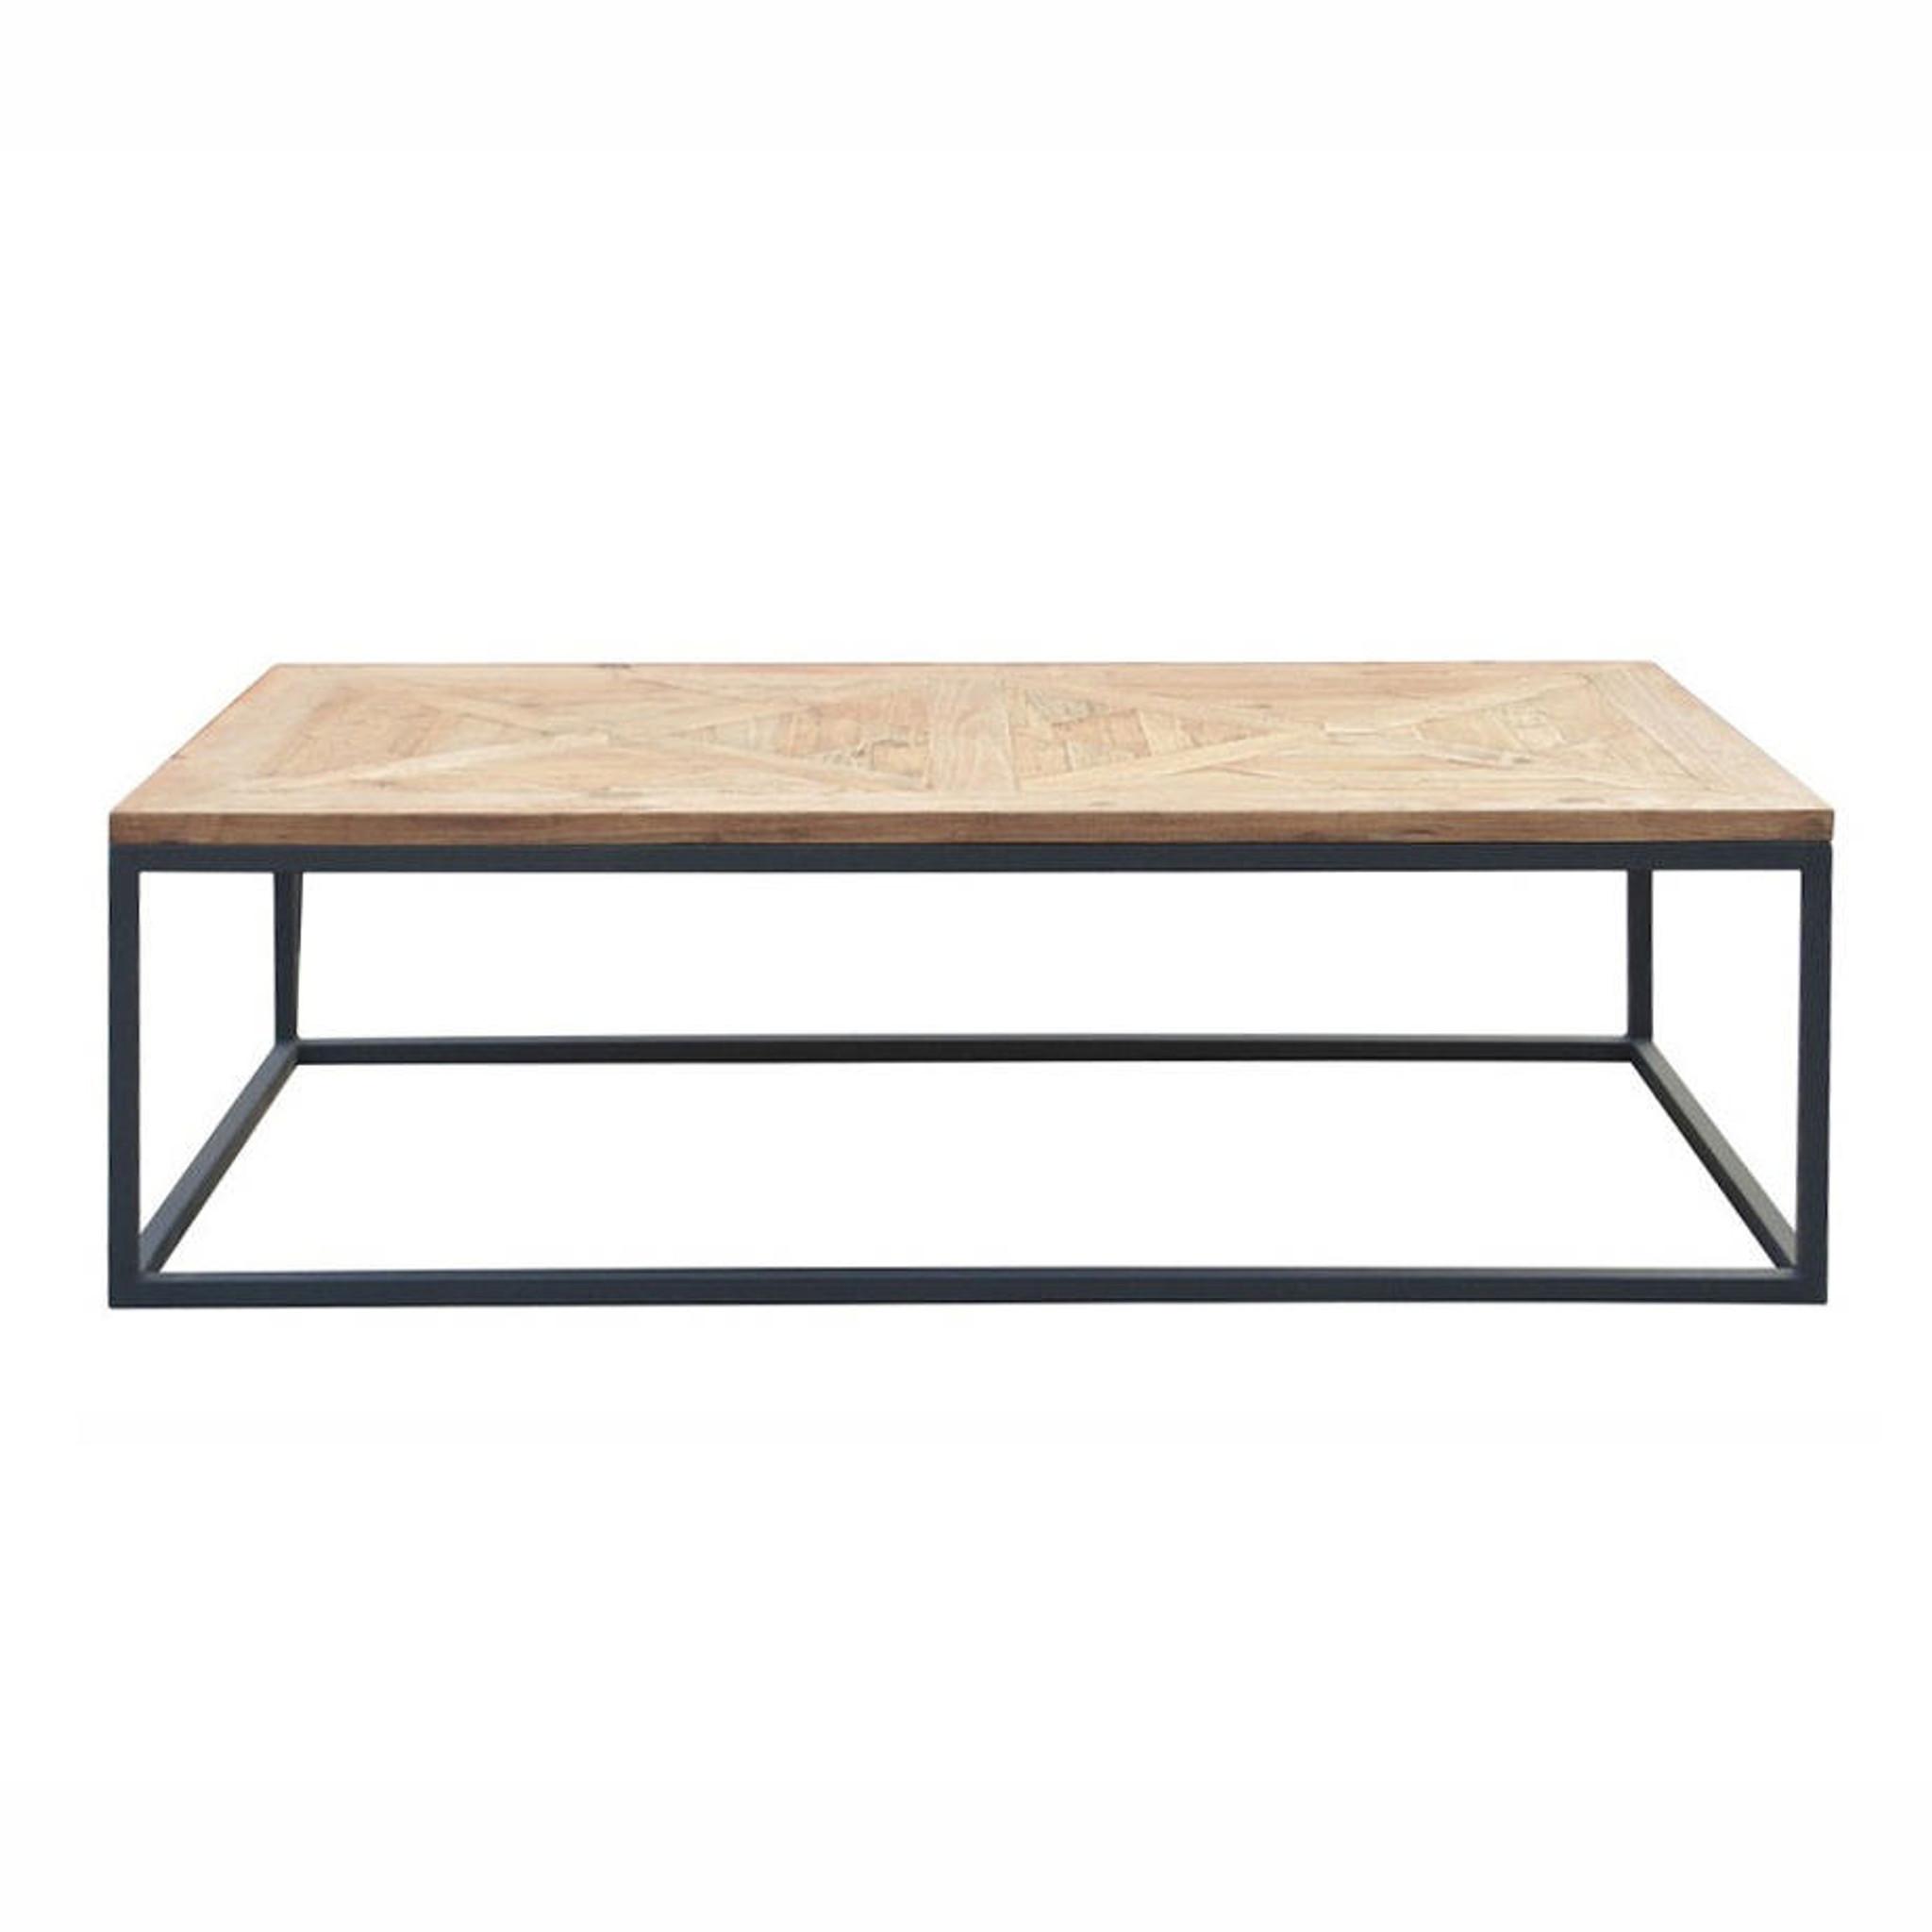 Reclaimed Wood Metal Coffee Table.Metal Parquet Coffee Table Reclaimed Wood